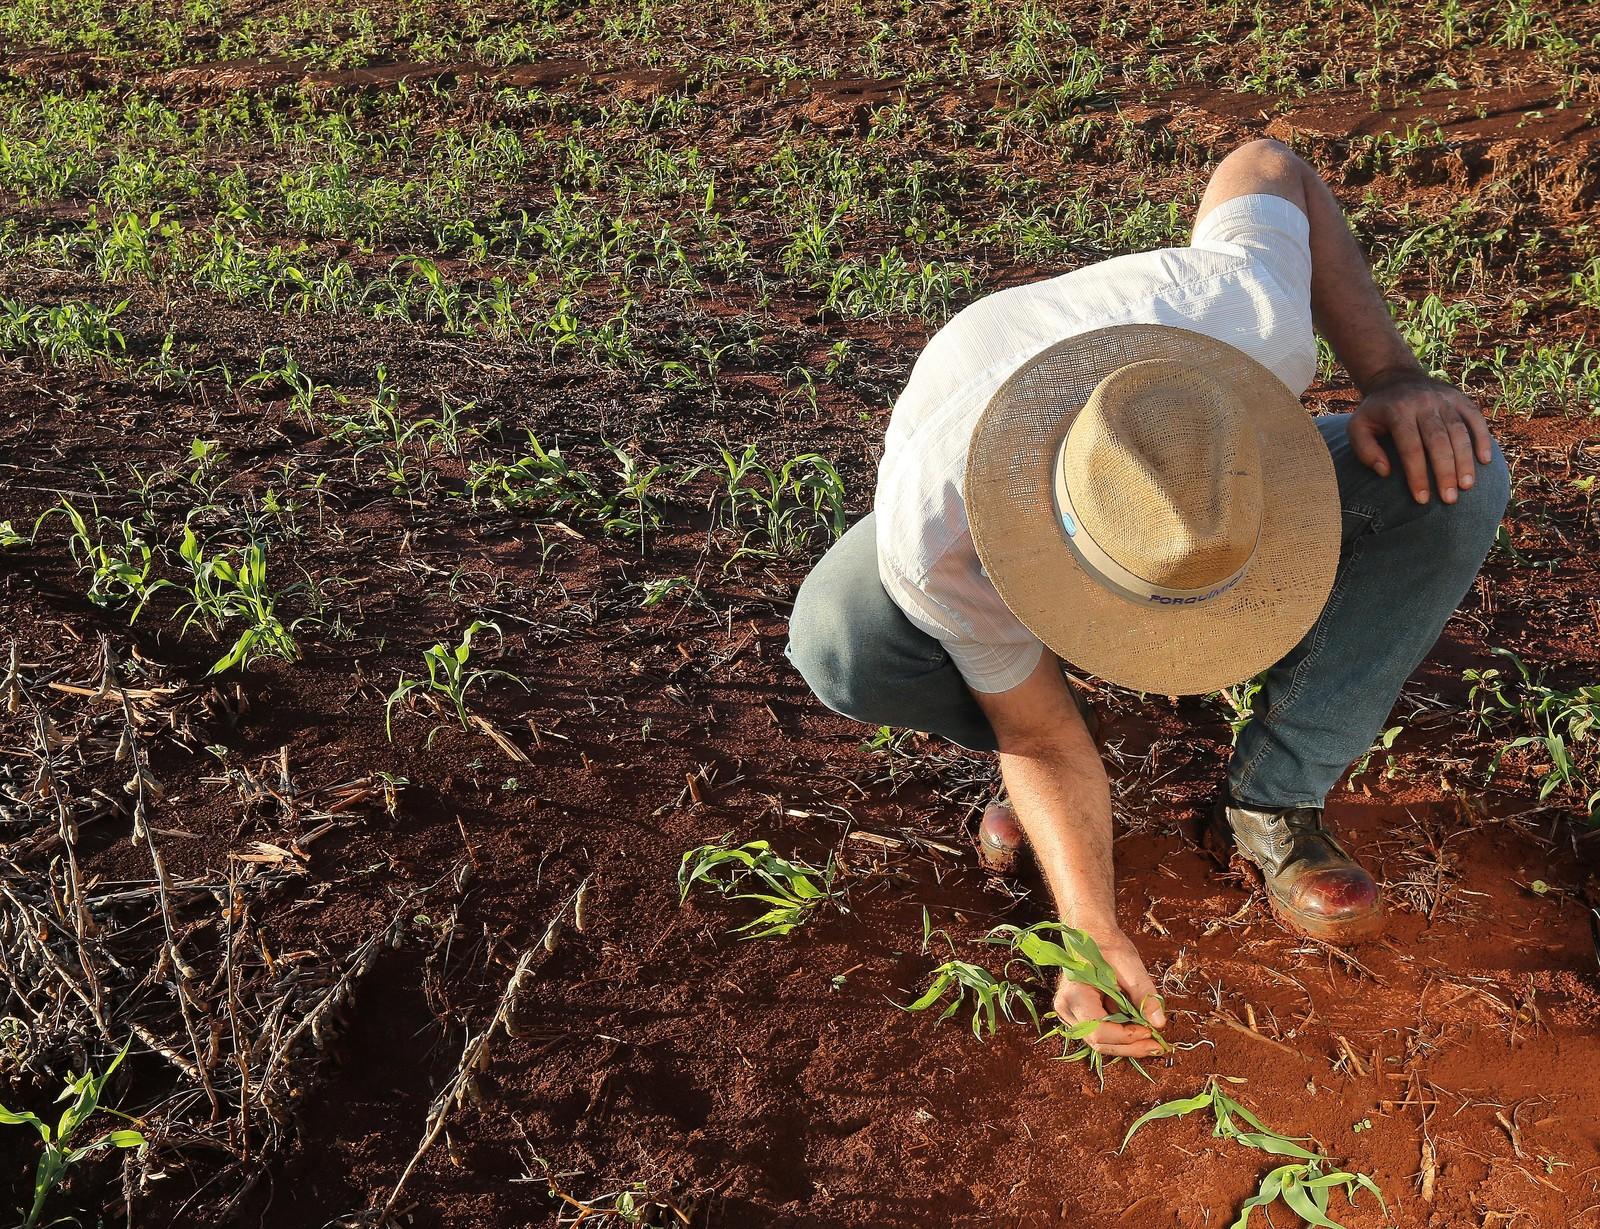 Subsídio de R$ 1 bilhão para seguro rural é recorde, mas produtores querem mais recursos